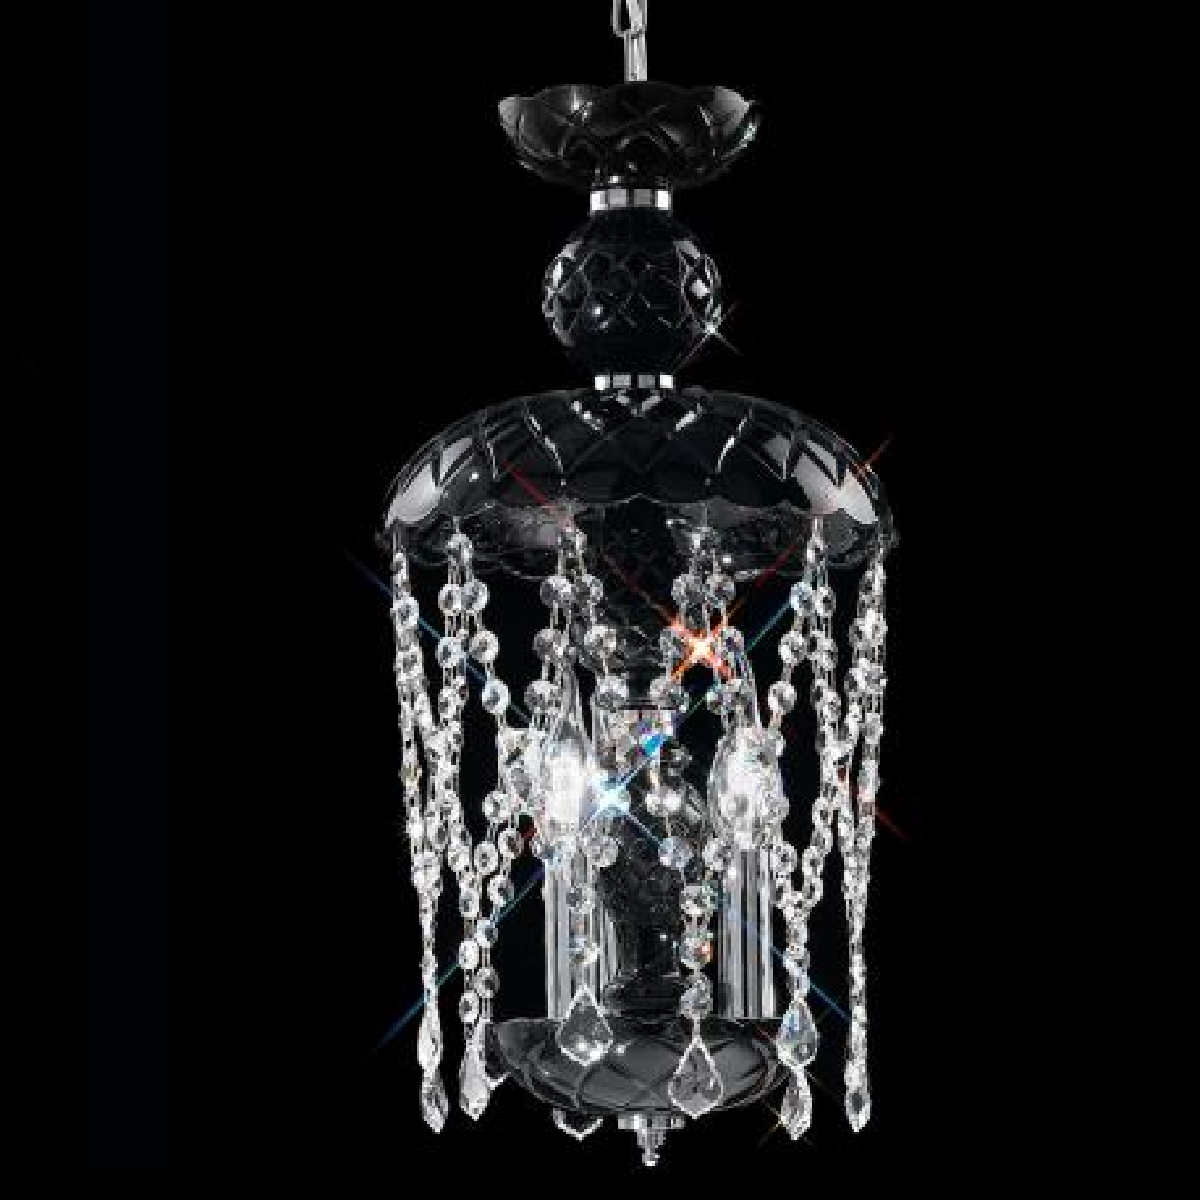 """""""Brindisi"""" lámpara colgante veneciana en cristal - 3 luces - negro con transparent colgantes"""